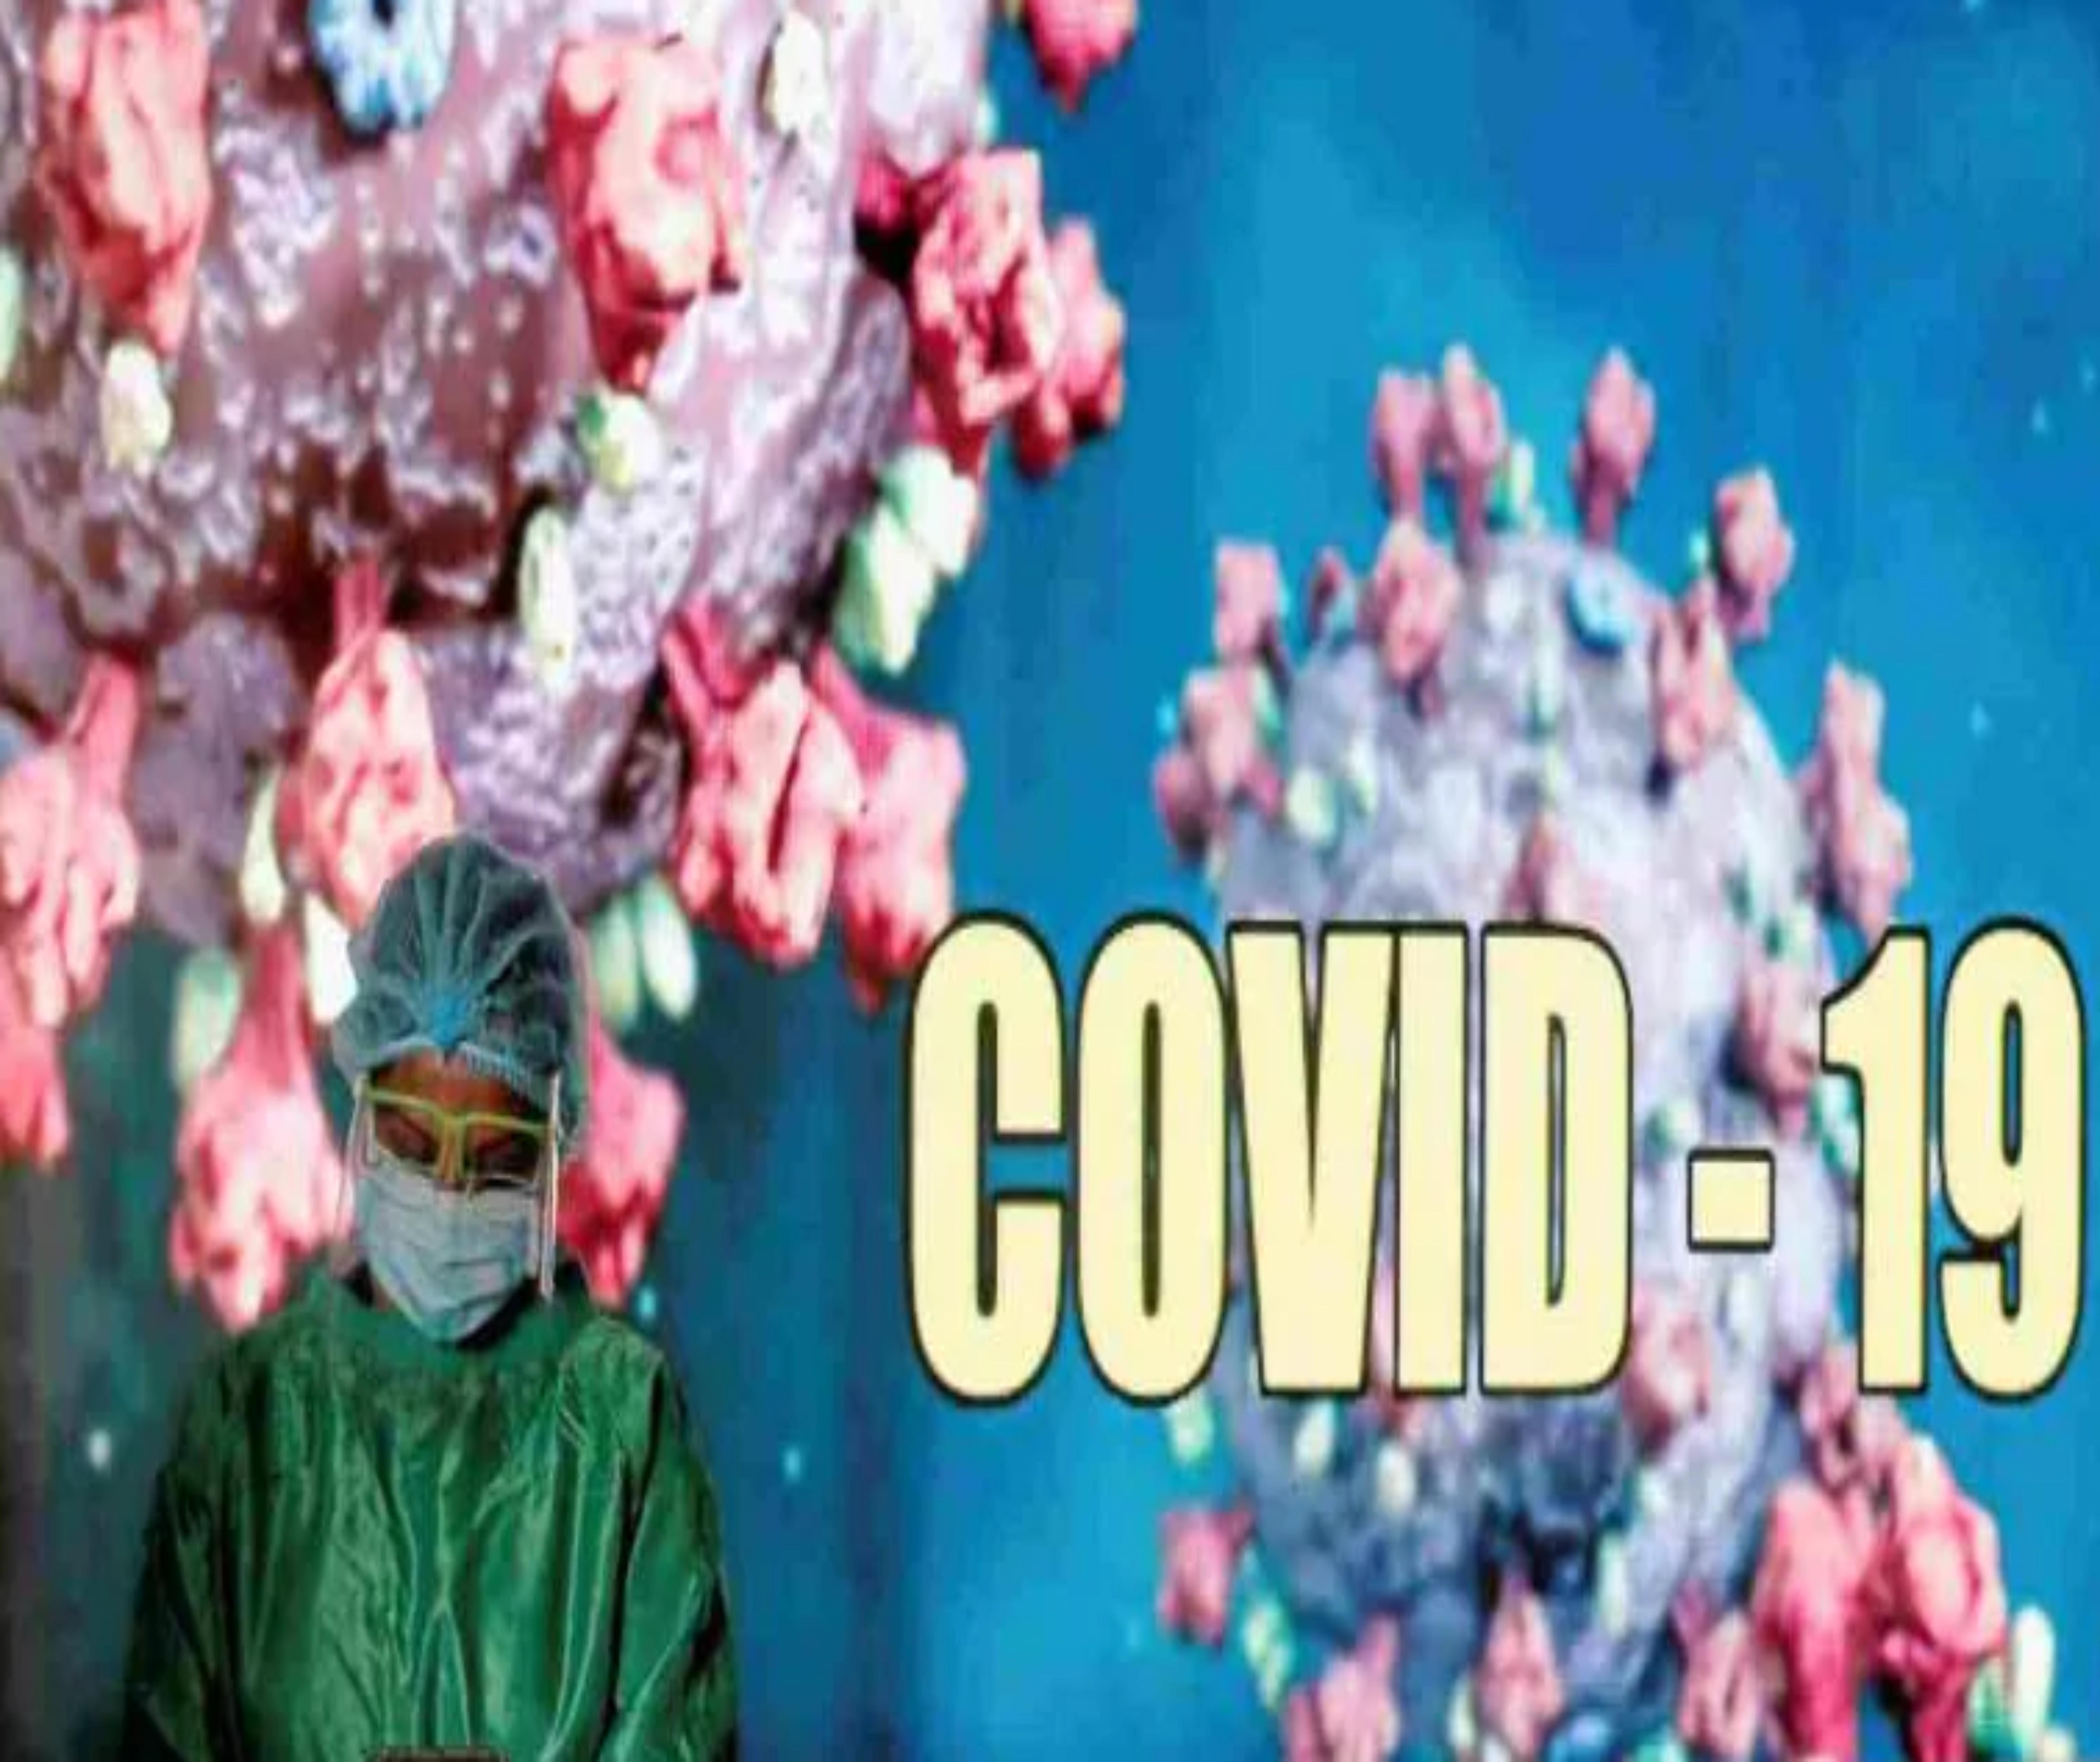 मेरठ: तेज़ी से बढ़ने लगा कोरोना, मेरठ में 108 नए मामले आए सामने